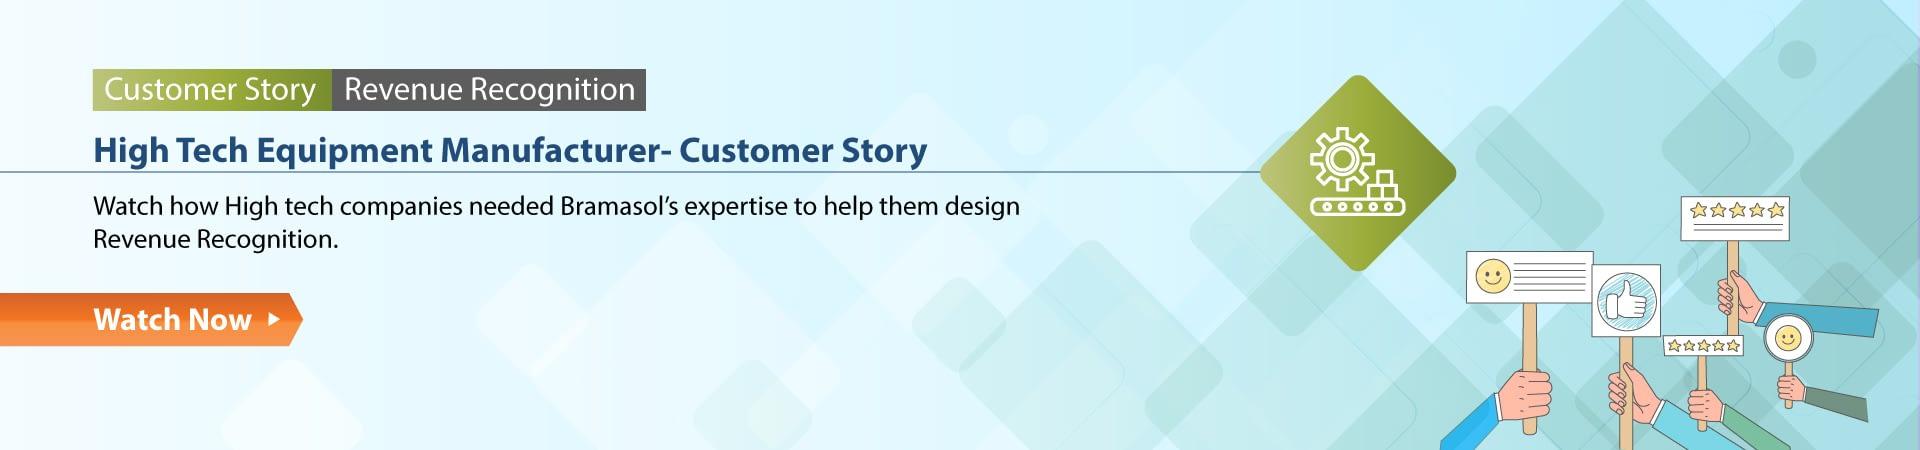 High Tech Equipment Manufacturer Customer Story